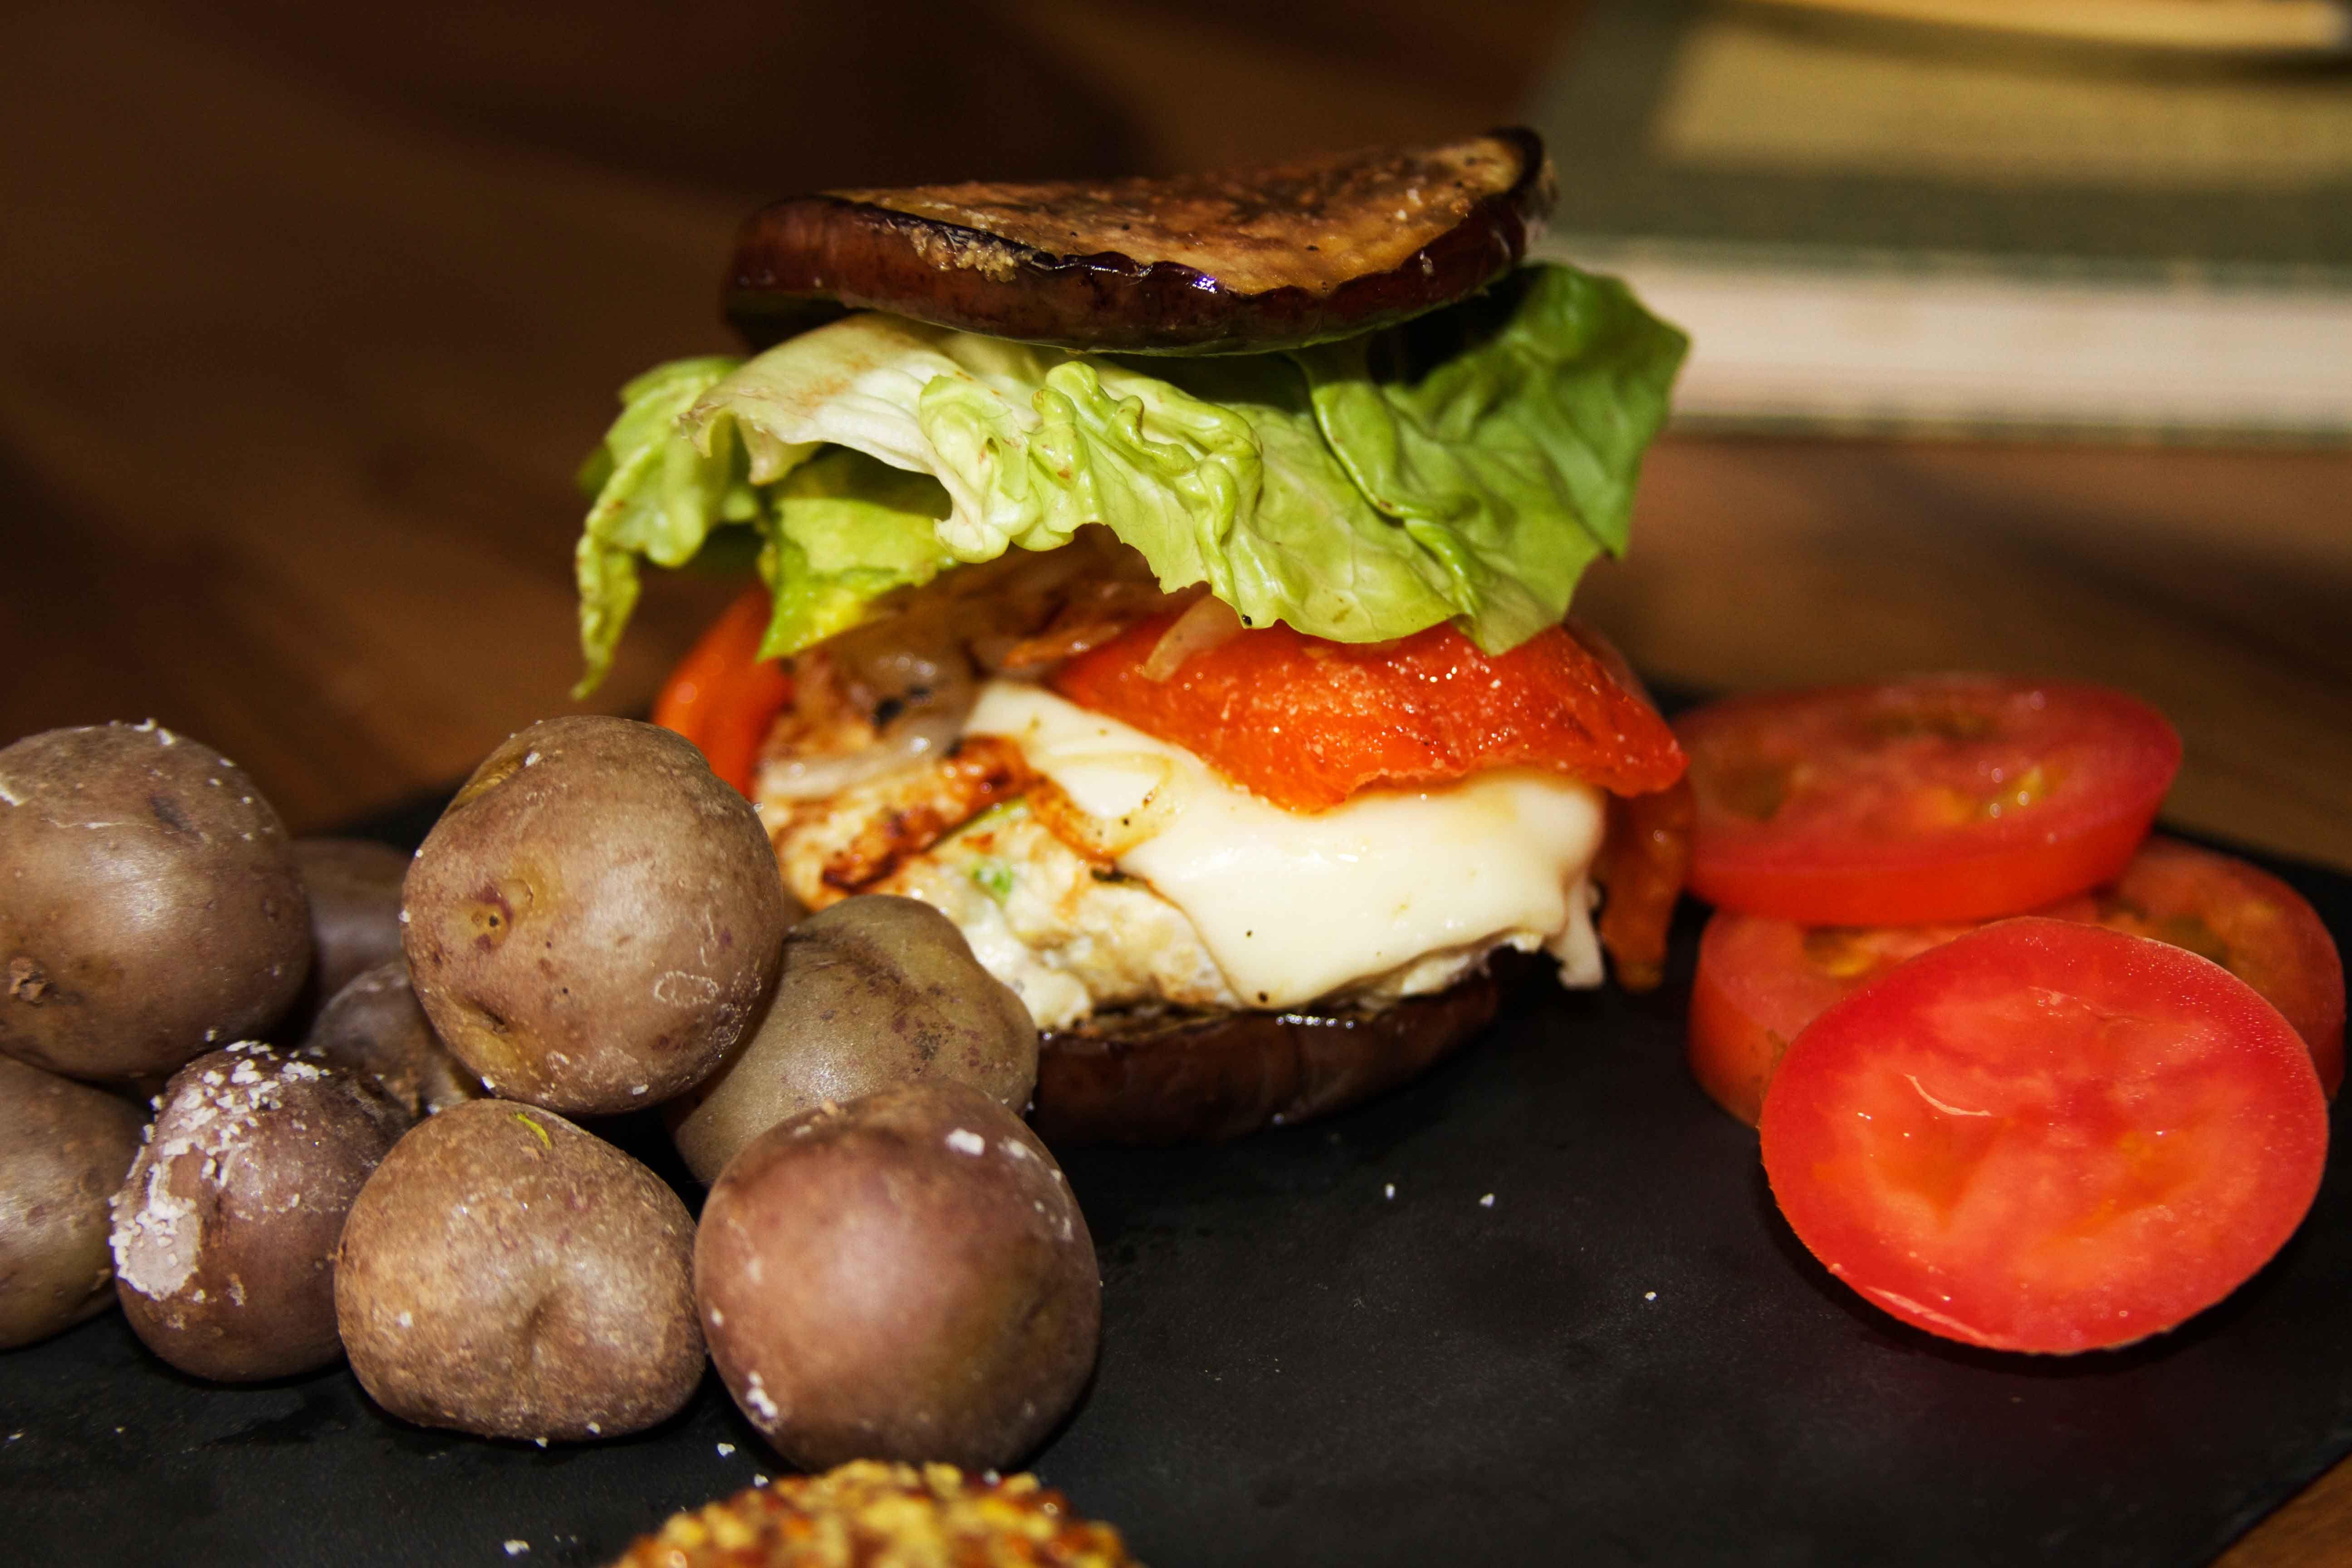 Burger de pollo  hecha en casa! y sin pan! receta: http://blogs.elespectador.com/sin-pecado-concebido/2015/07/08/rapida-pero-no-chatarra/  puedes ver el paso paso en youtube!